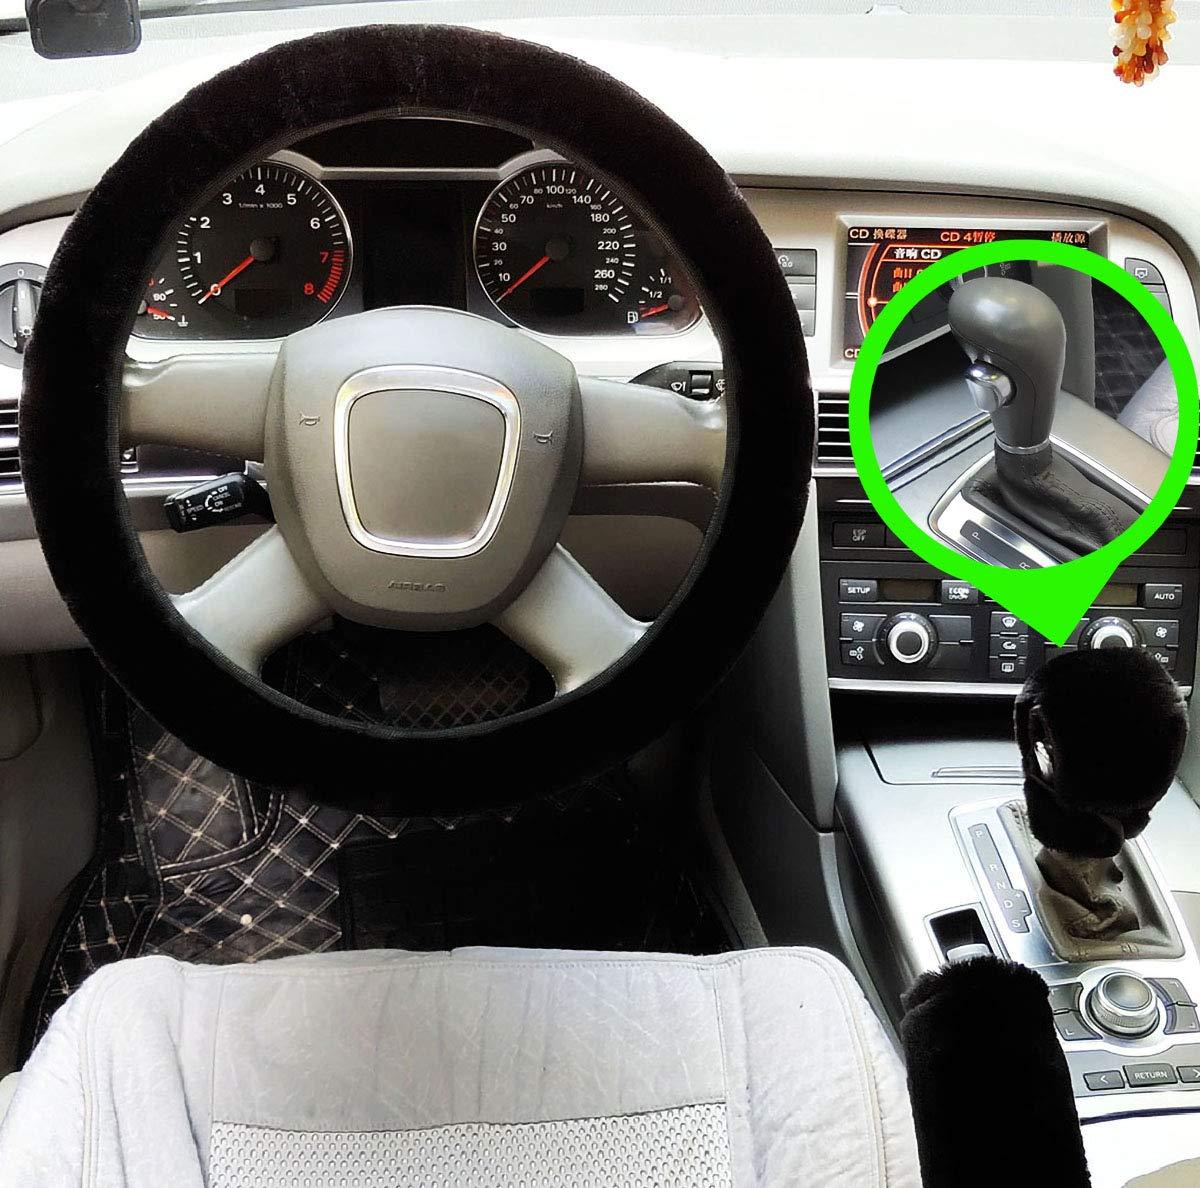 Nuovo Coprivolante peluche Coperchio freno a mano in lana sintetica Fodera per auto Copridivano per auto Coprisedili per auto Accessori interni 3 pezzi Set Manuale, pink